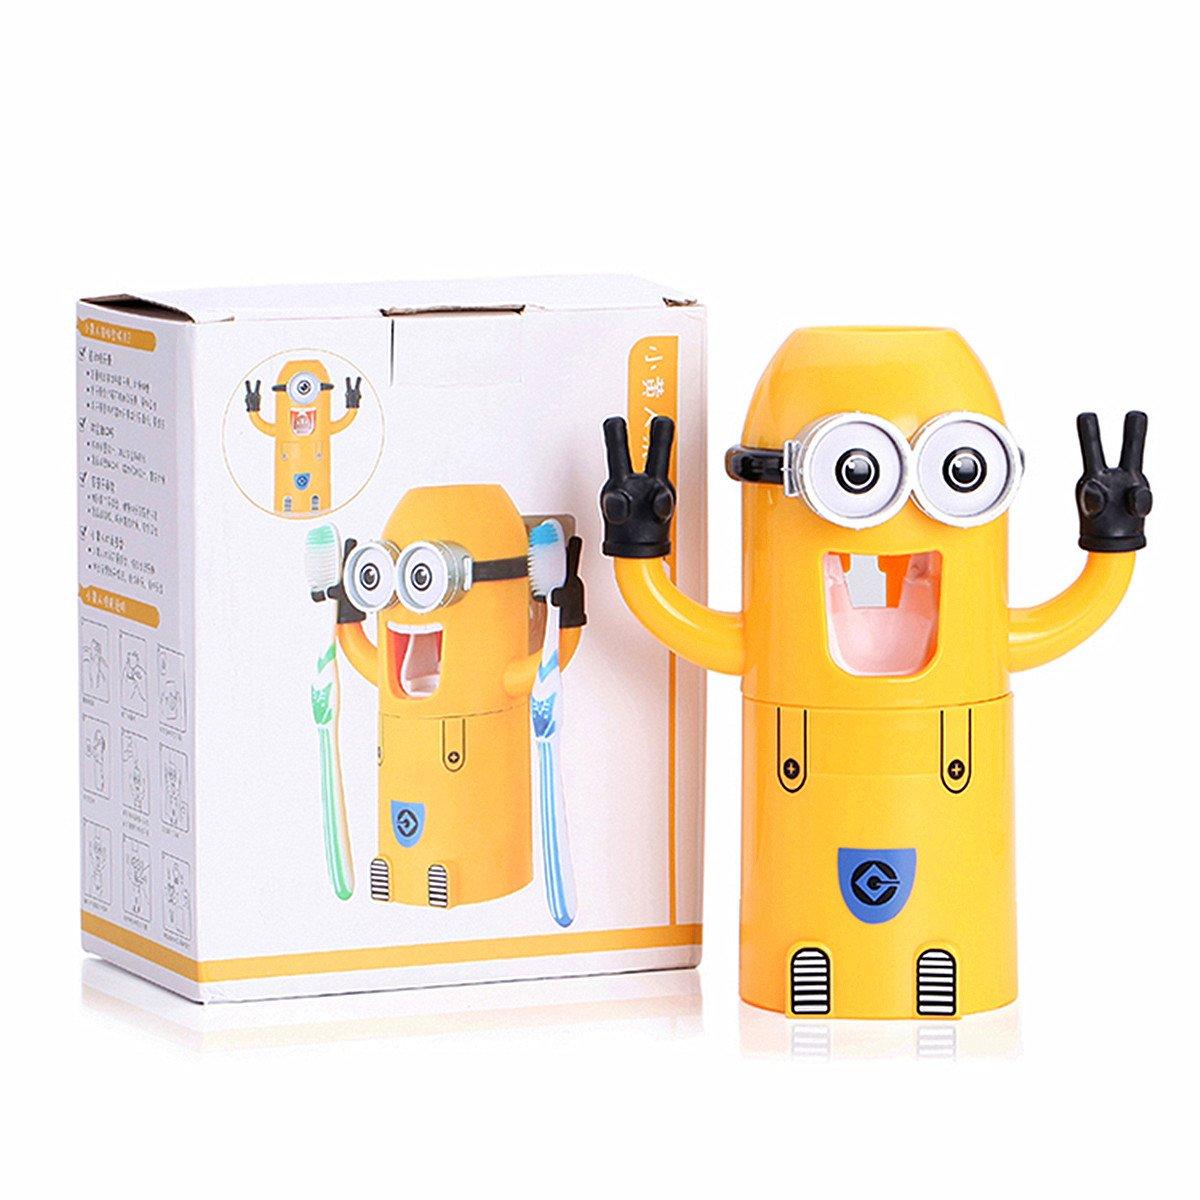 St@llion - Dispensador automático de Pasta de Dientes y Soporte para Cepillo de Dientes: Amazon.es: Hogar